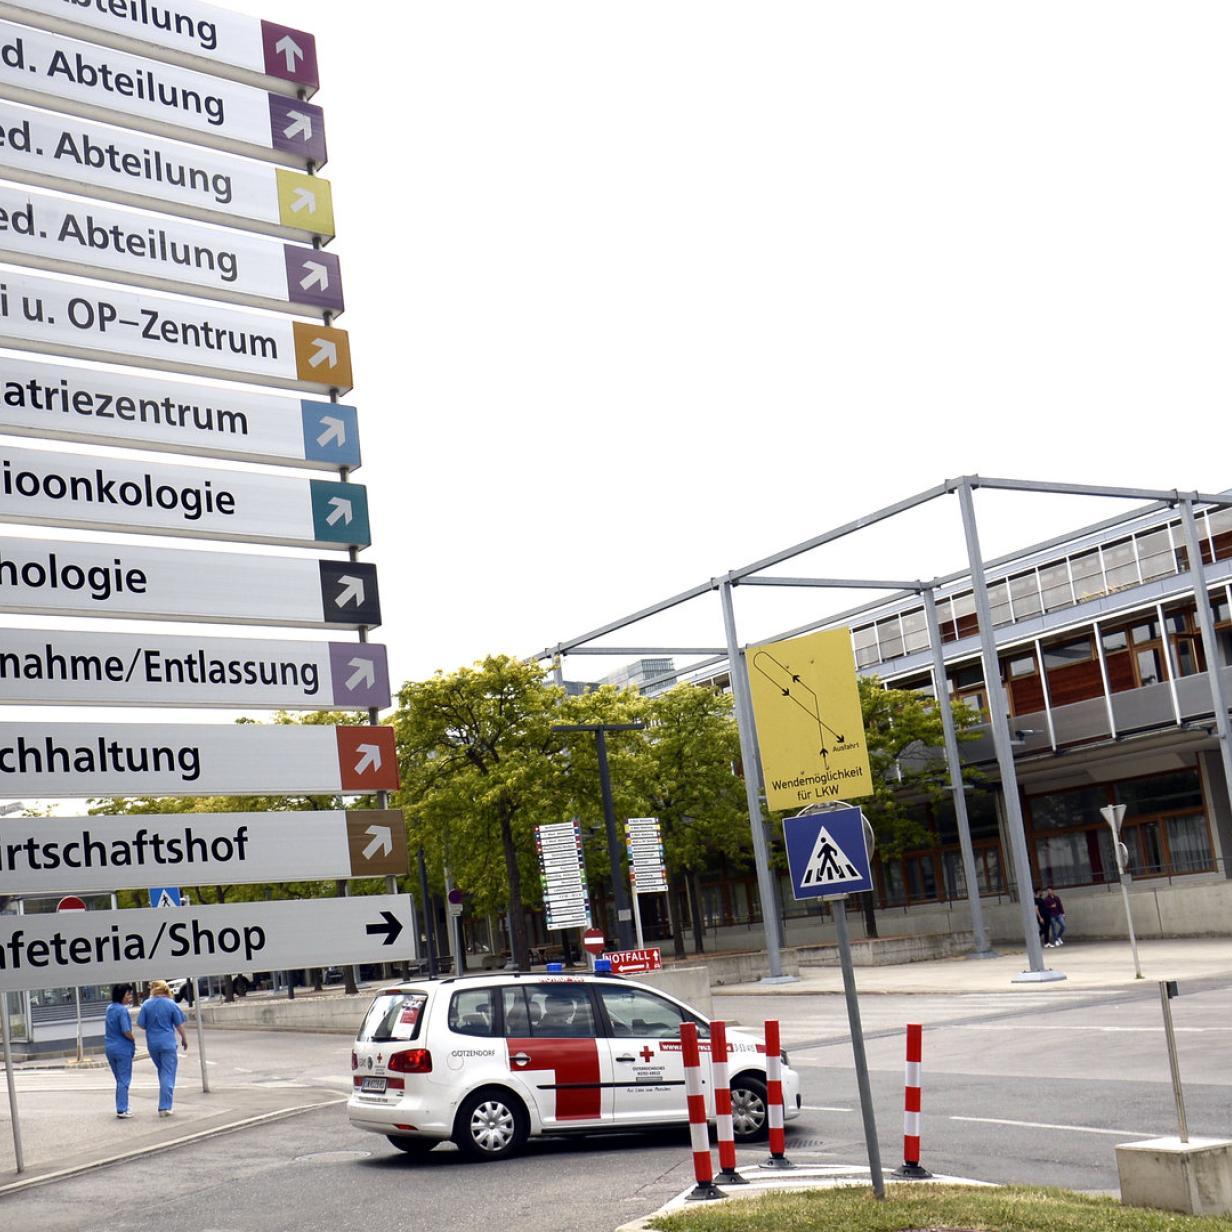 Kaiser-Franz-Josef-Spital nach Fehlalarm evakuiert